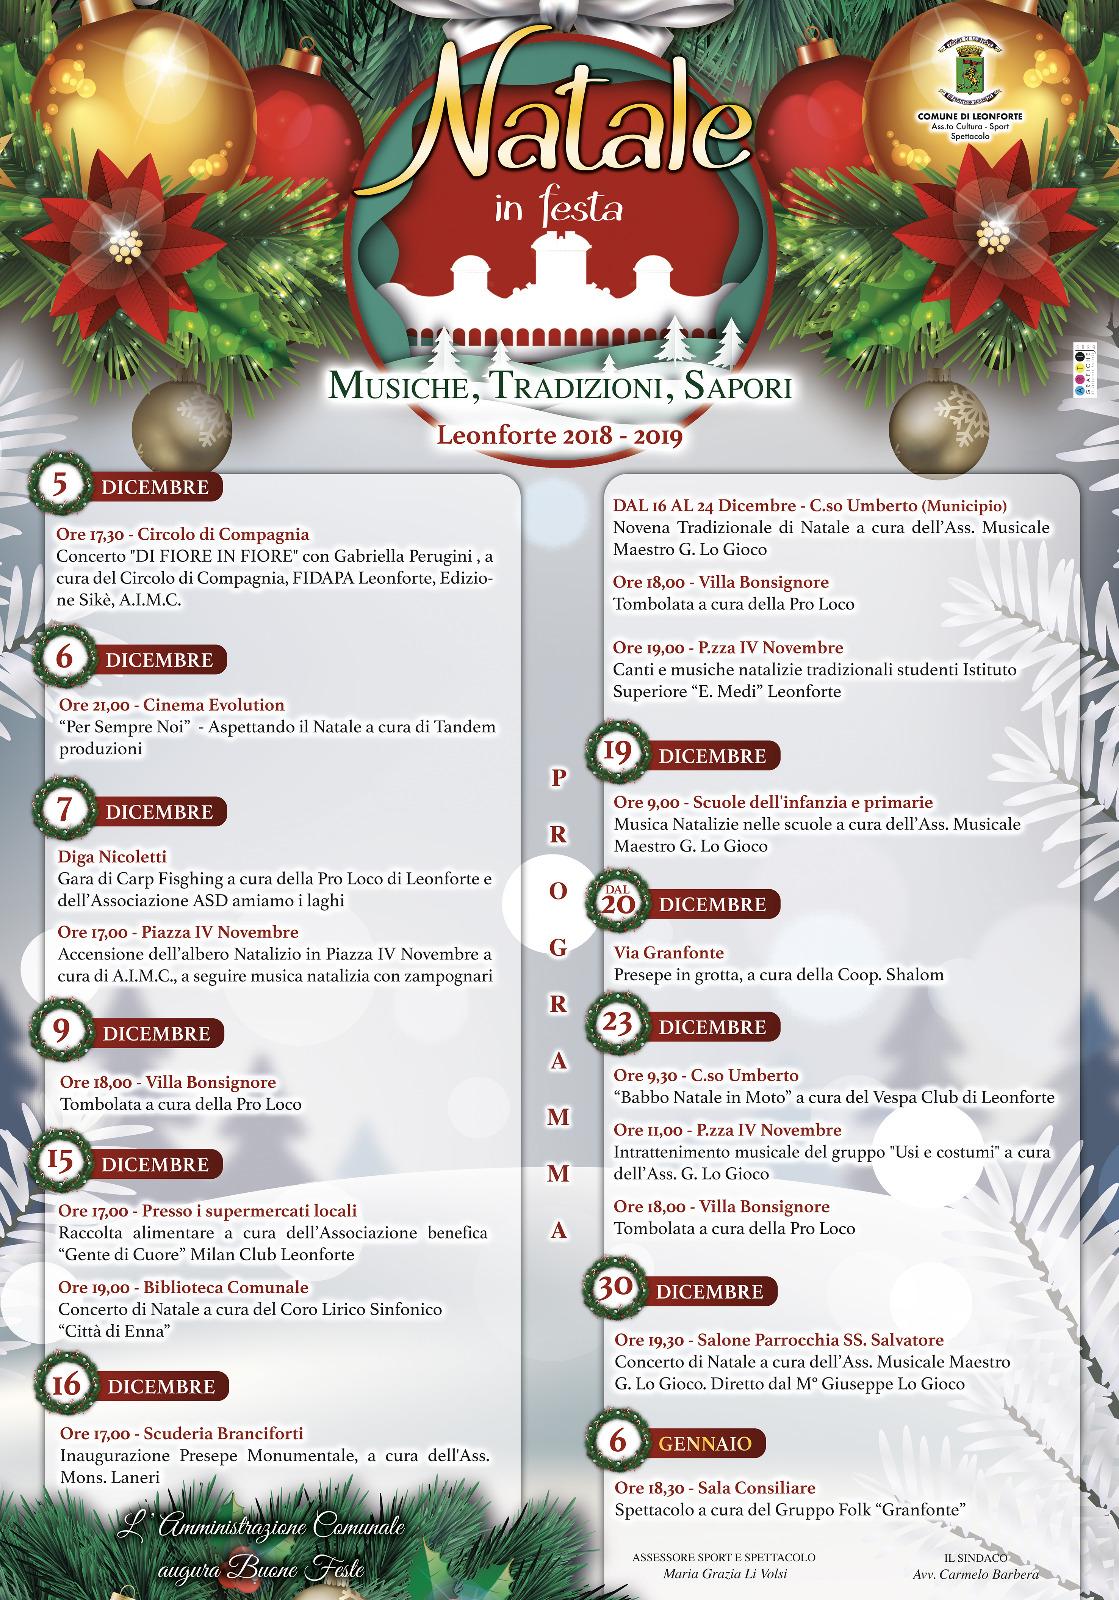 Natale in festa. Musiche, tradizioni, sapori. Programma